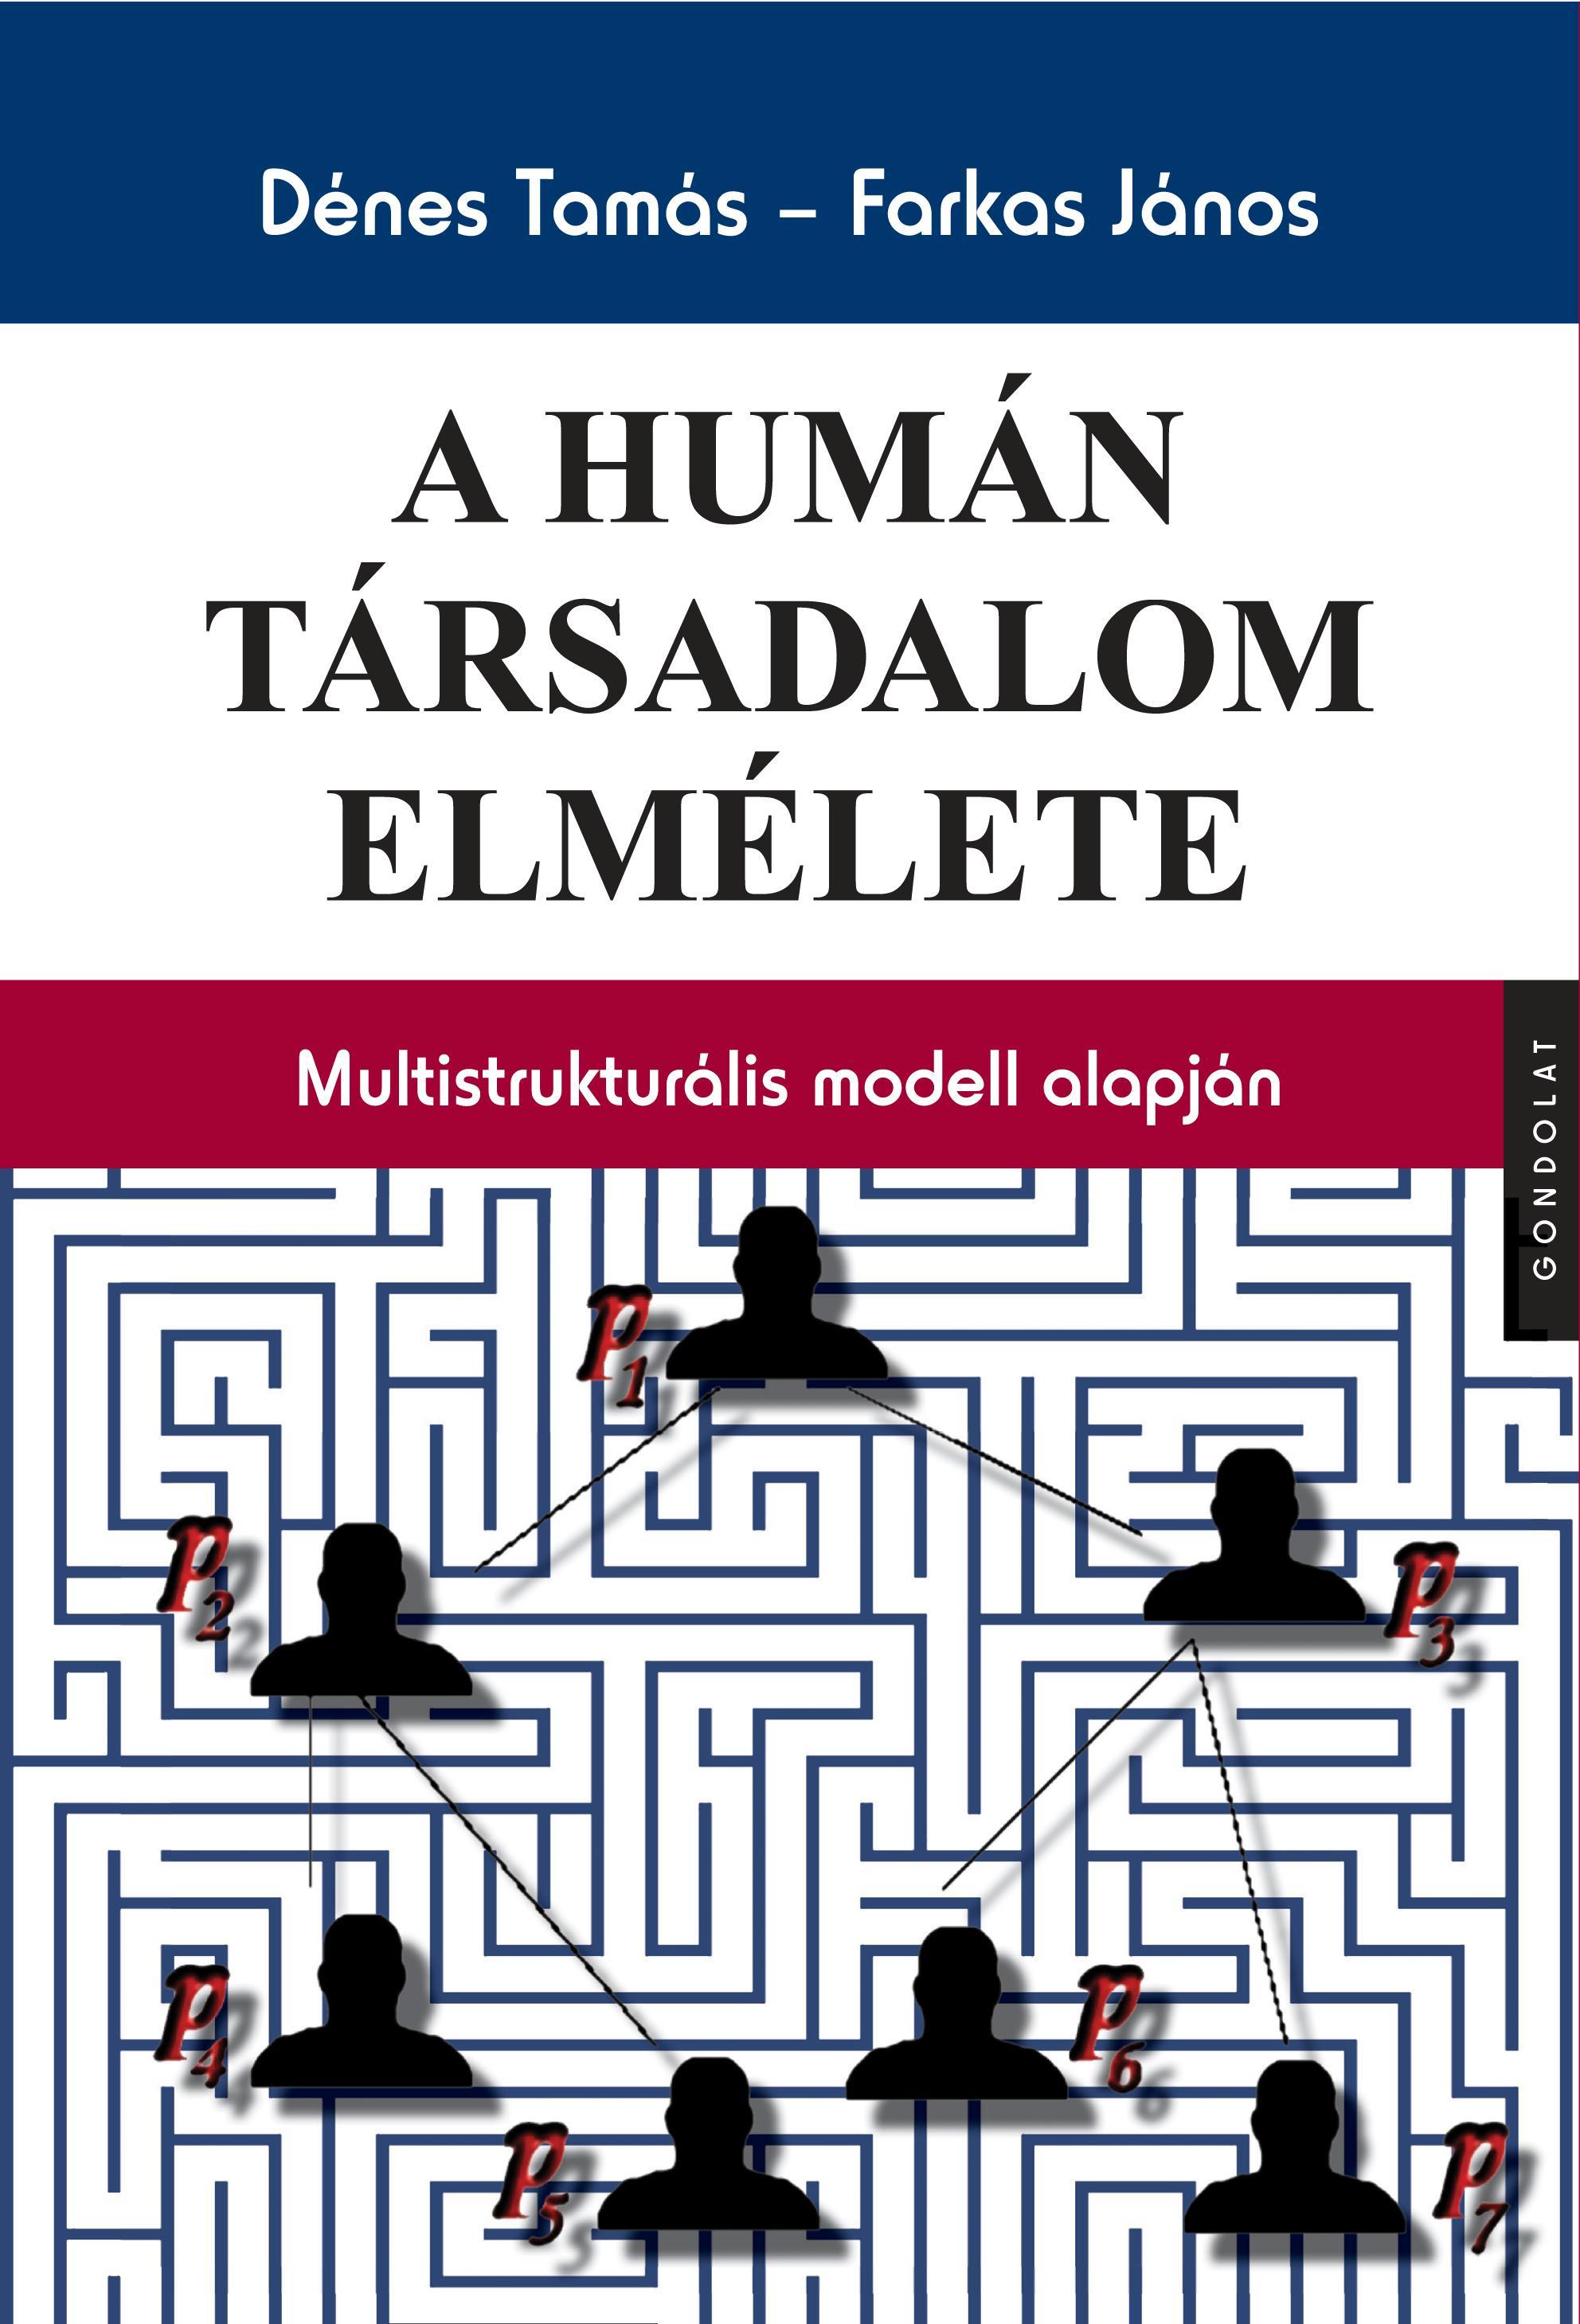 A HUMÁN TÁRSADALOM ELMÉLETE - MULTISTRUKTURÁLIS MODELL ALAPJÁN